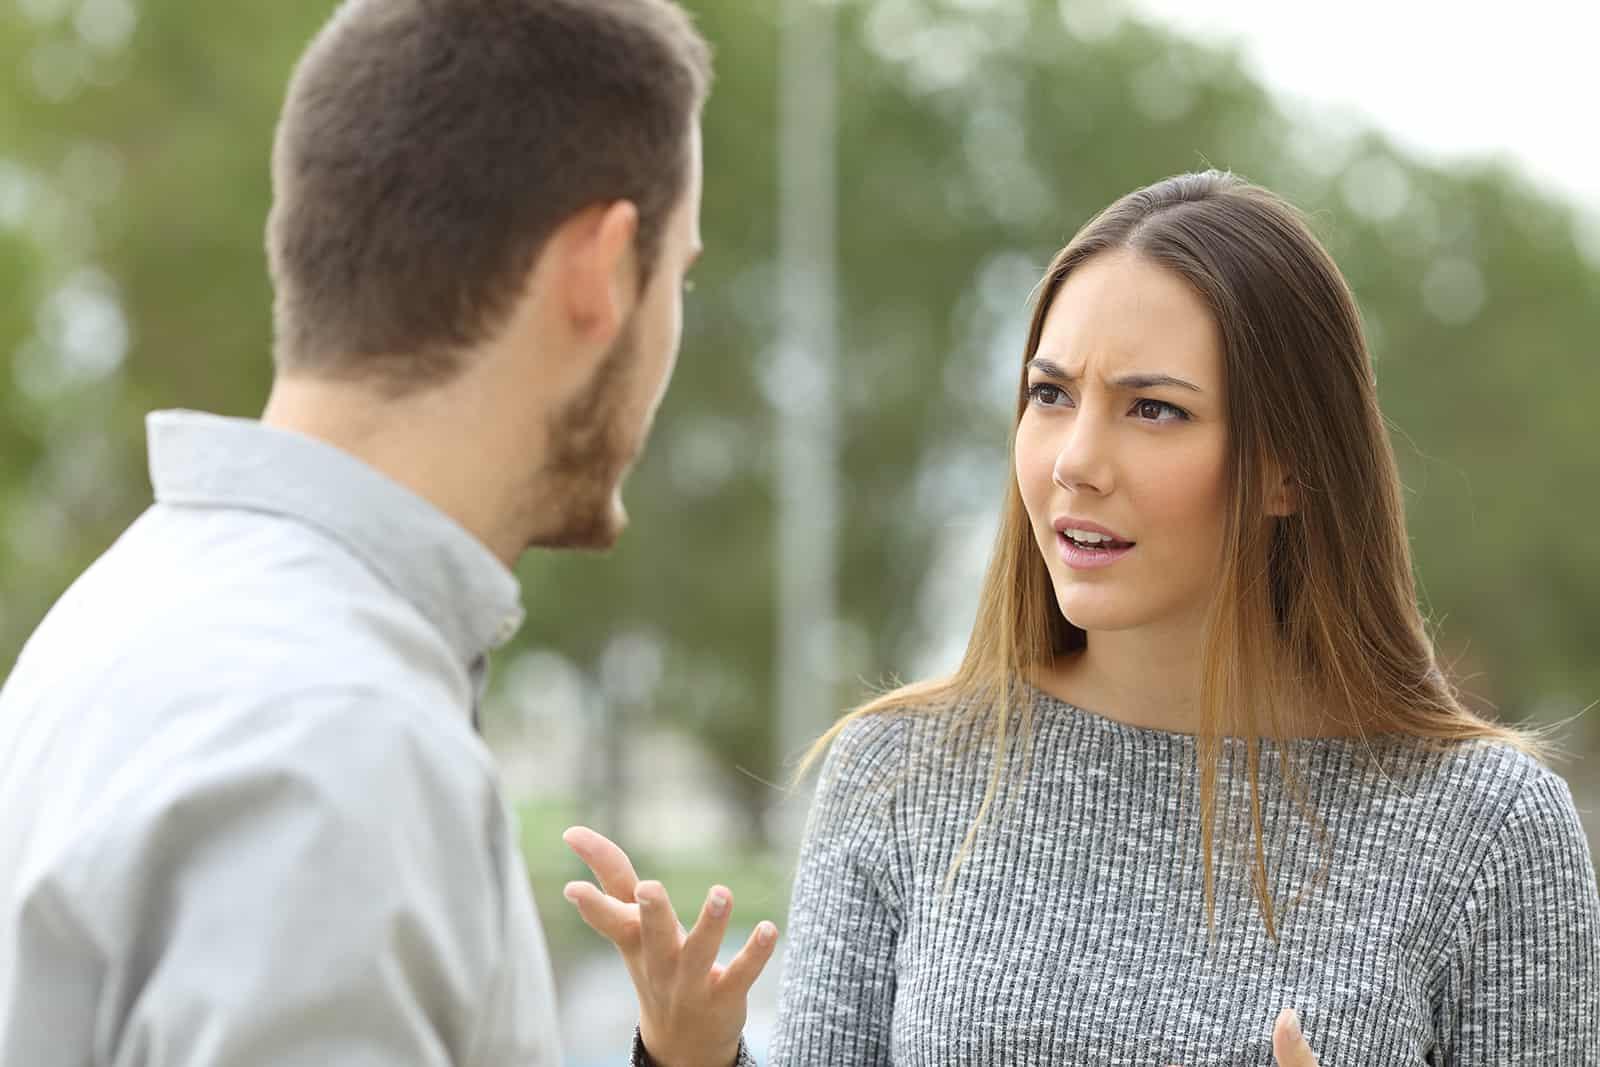 eine verärgerte Frau, die mit einem Mann spricht